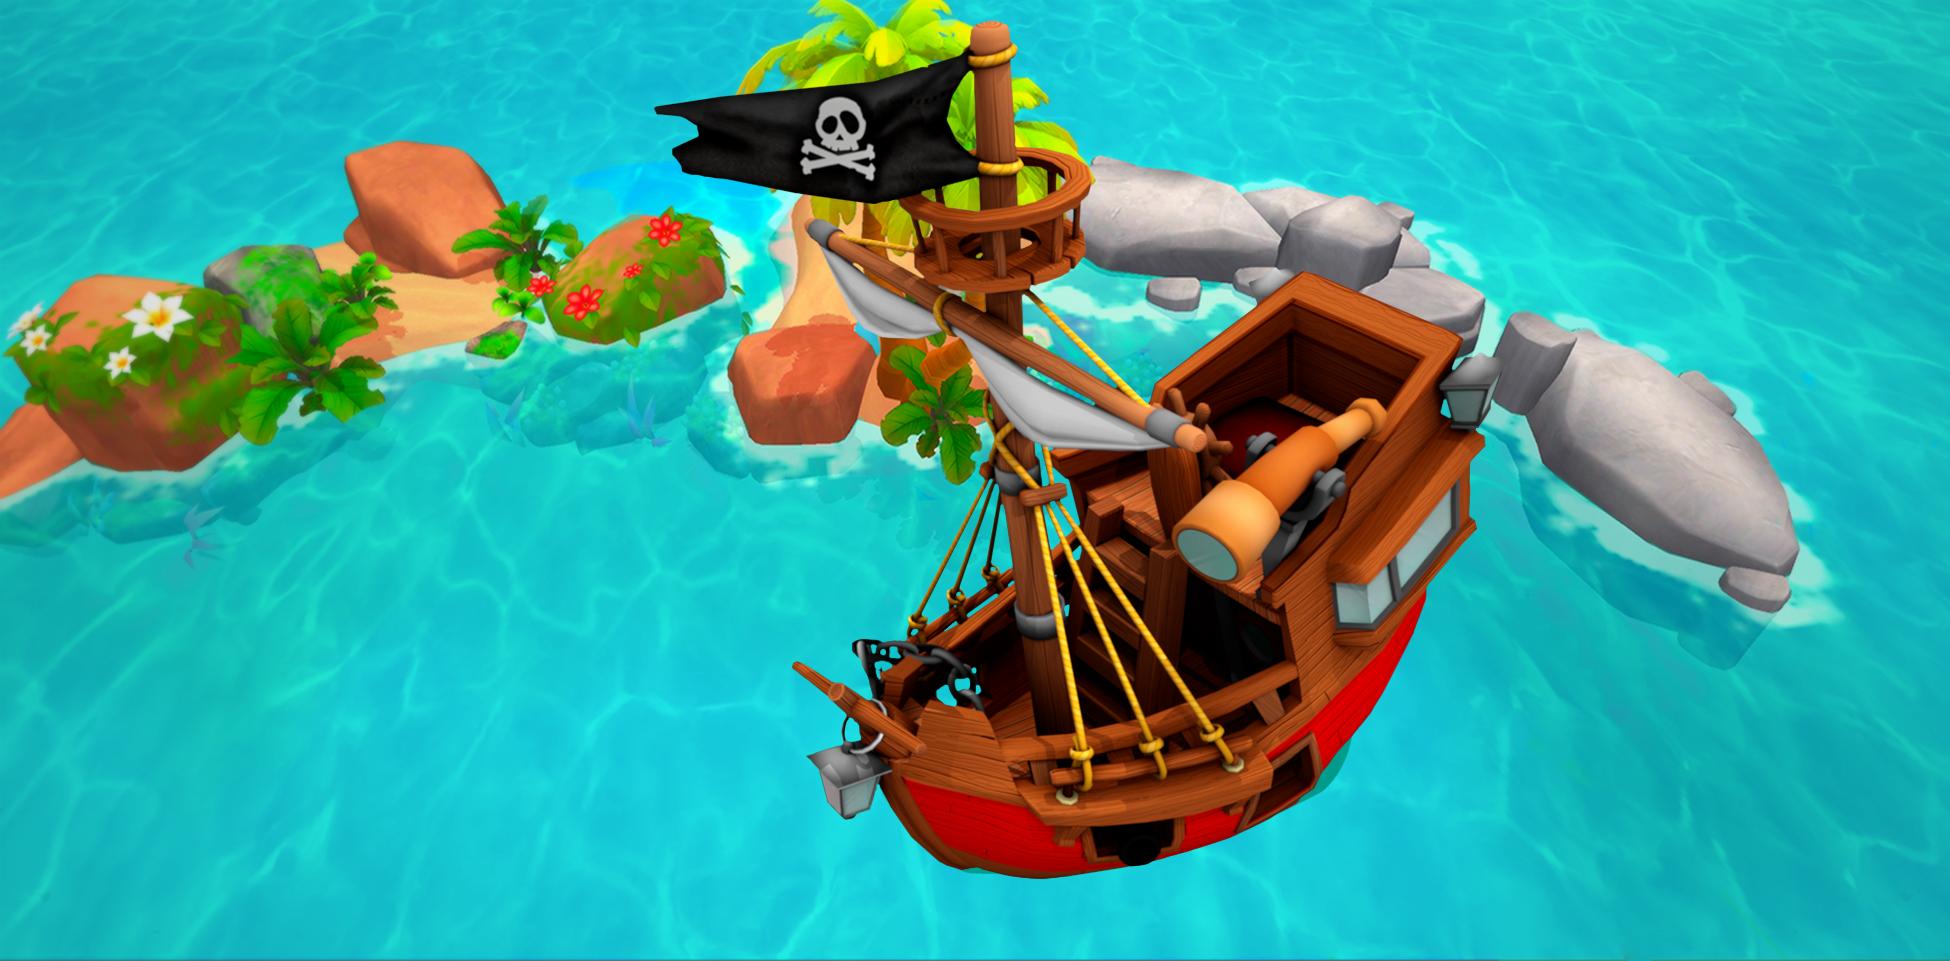 ChickenPox_PirateShip.png